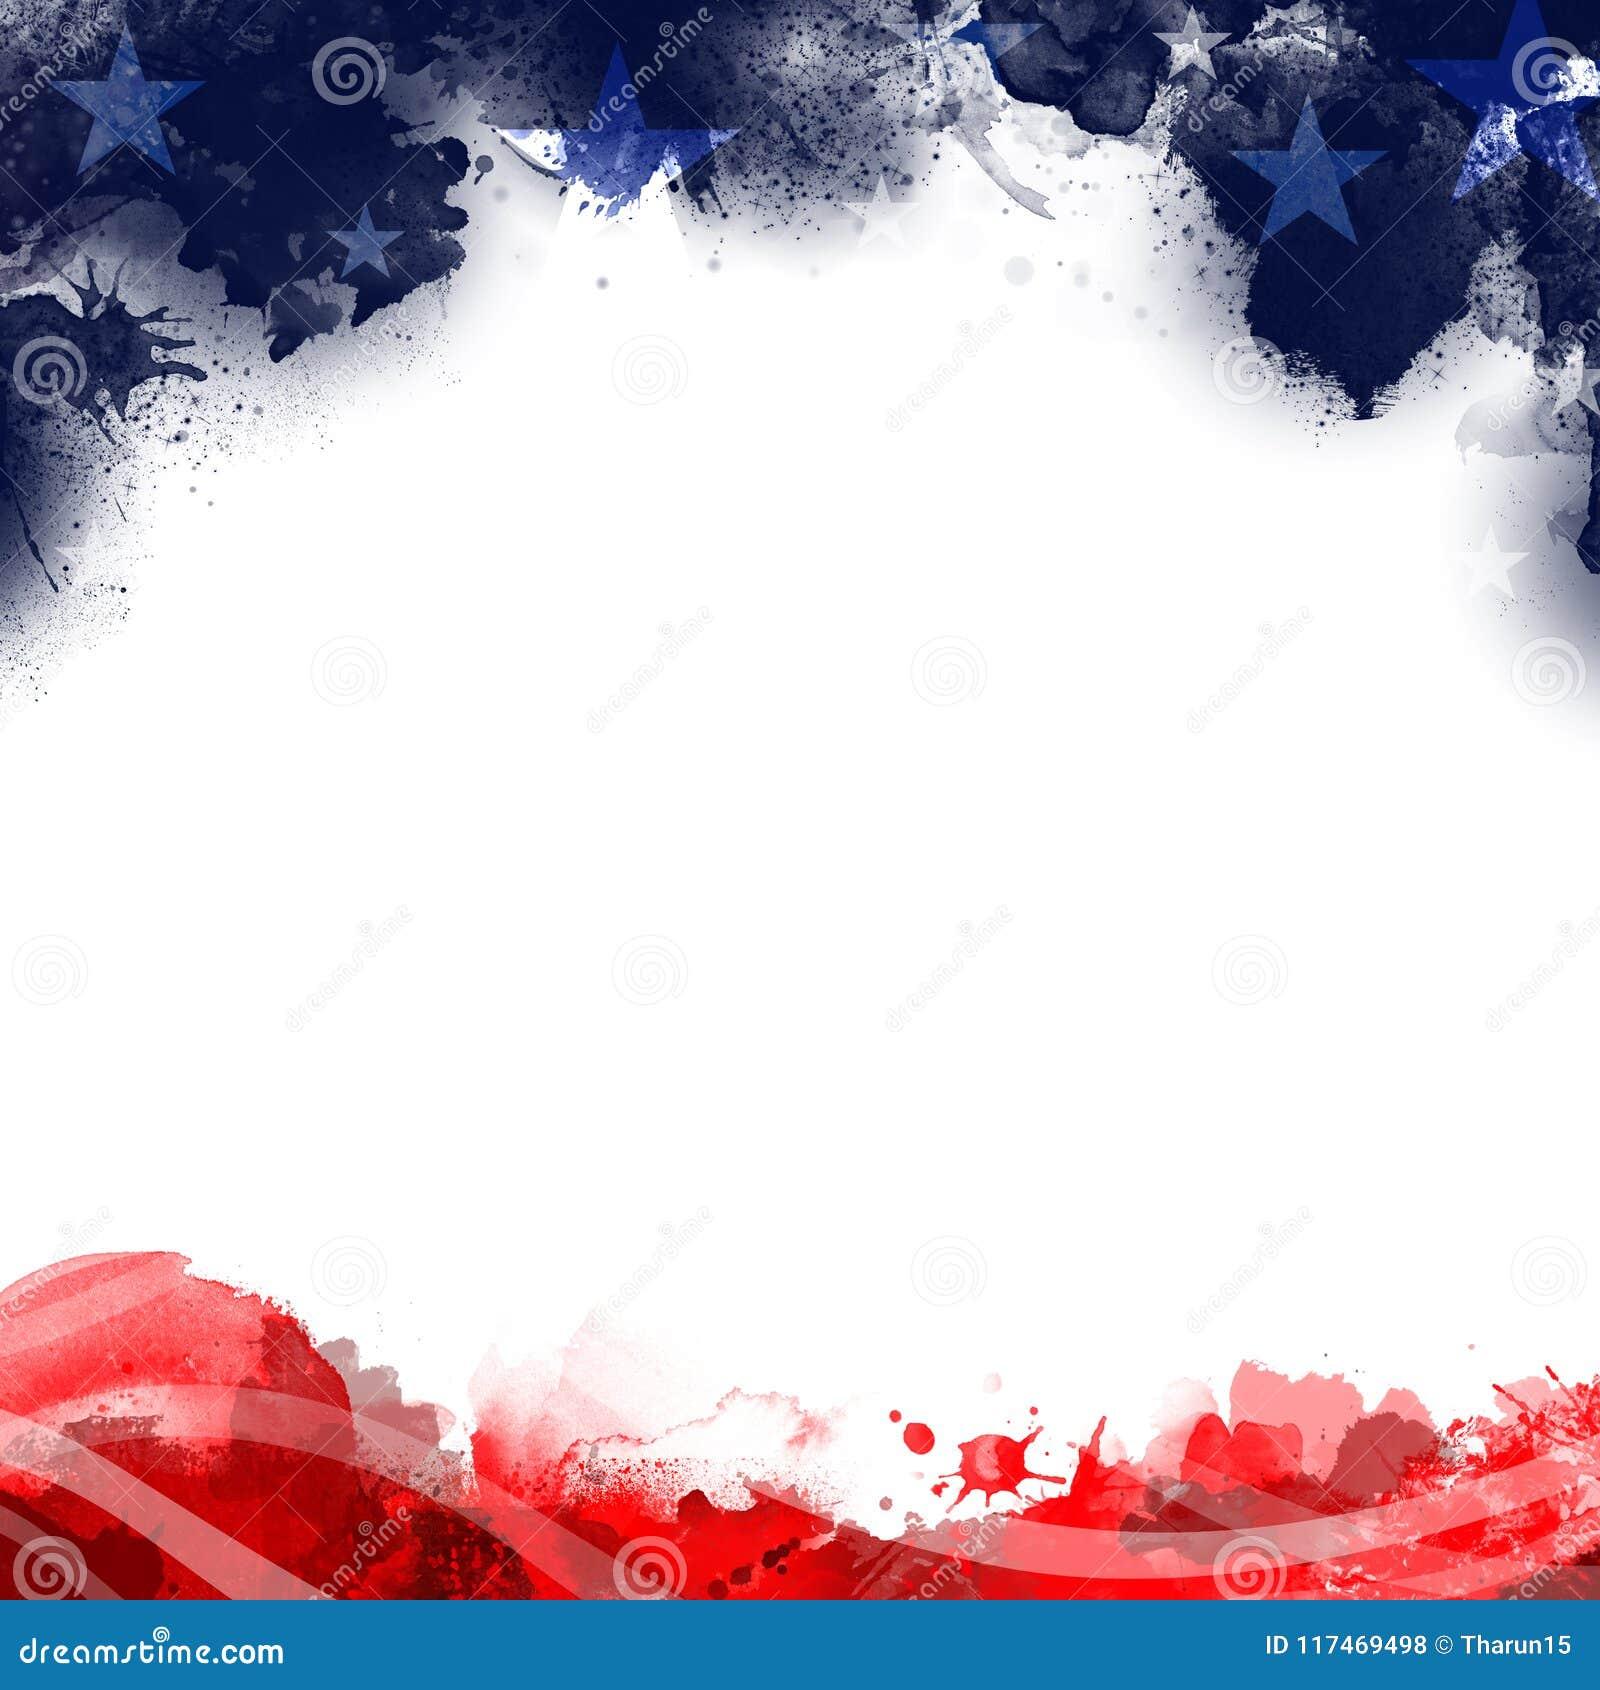 Μια απεικόνιση υποσημείωσης επιγραφών Ηνωμένο πατριωτικό υπόβαθρο στα χρώματα σημαιών